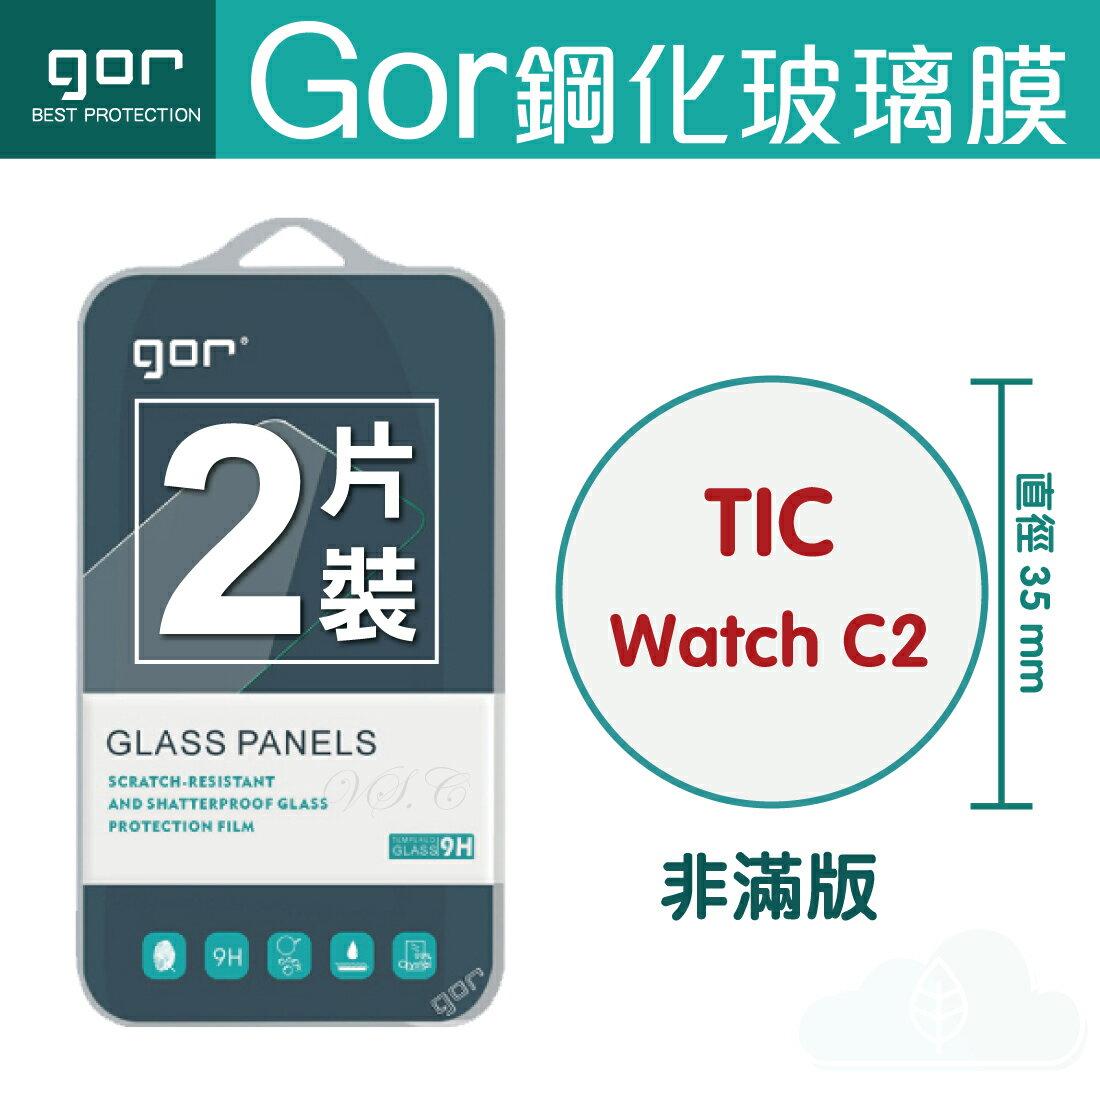 GOR 9H TIC watch C2 台灣限定版 智慧 手錶 穿戴裝置 鋼化 玻璃 保護貼 全透明非滿版 兩片裝 另售 專屬充電座【全館滿299免運費】 0